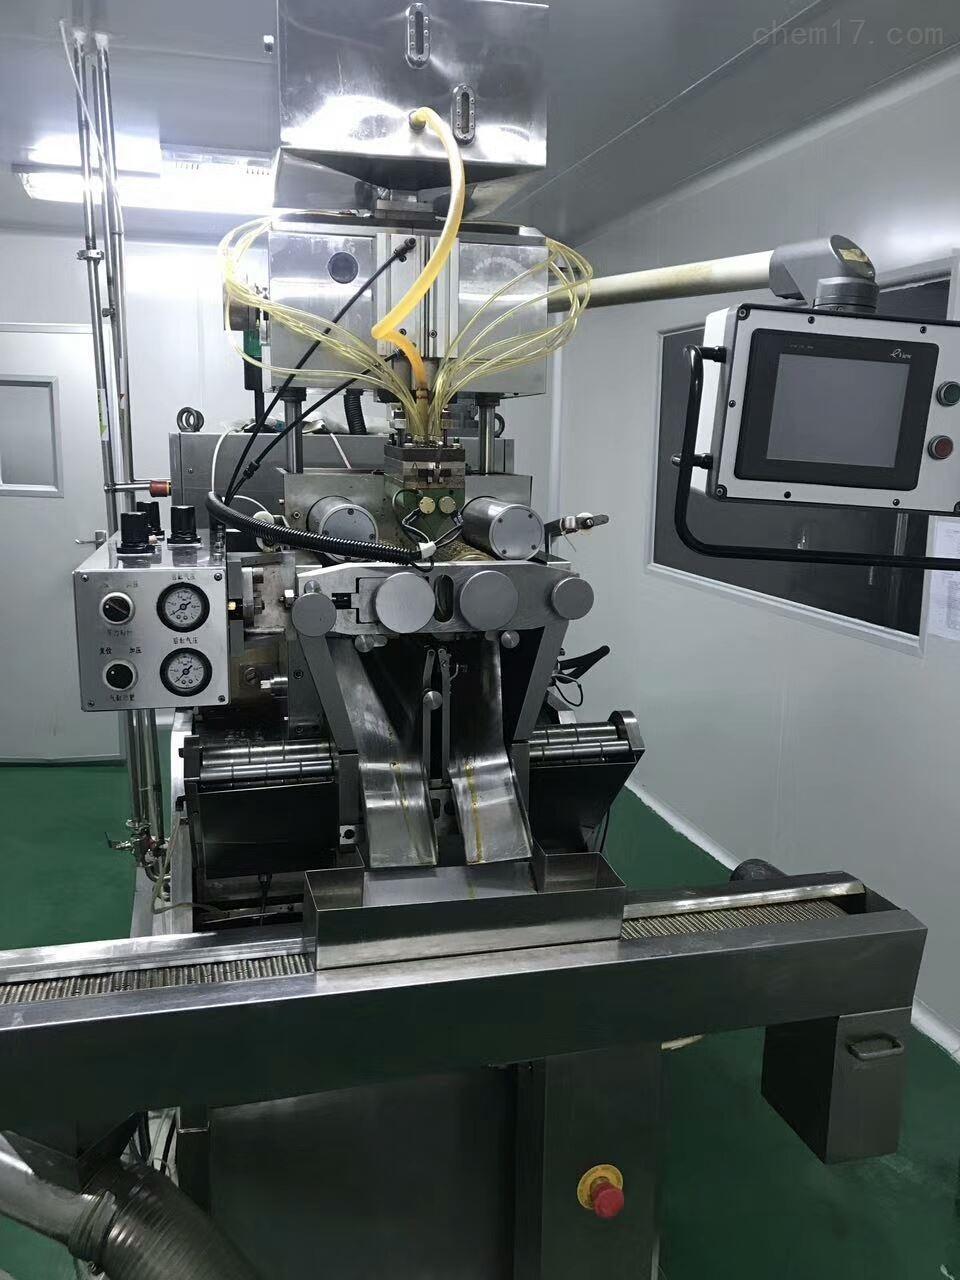 二手实验室设备湖州回收二手实验室设备